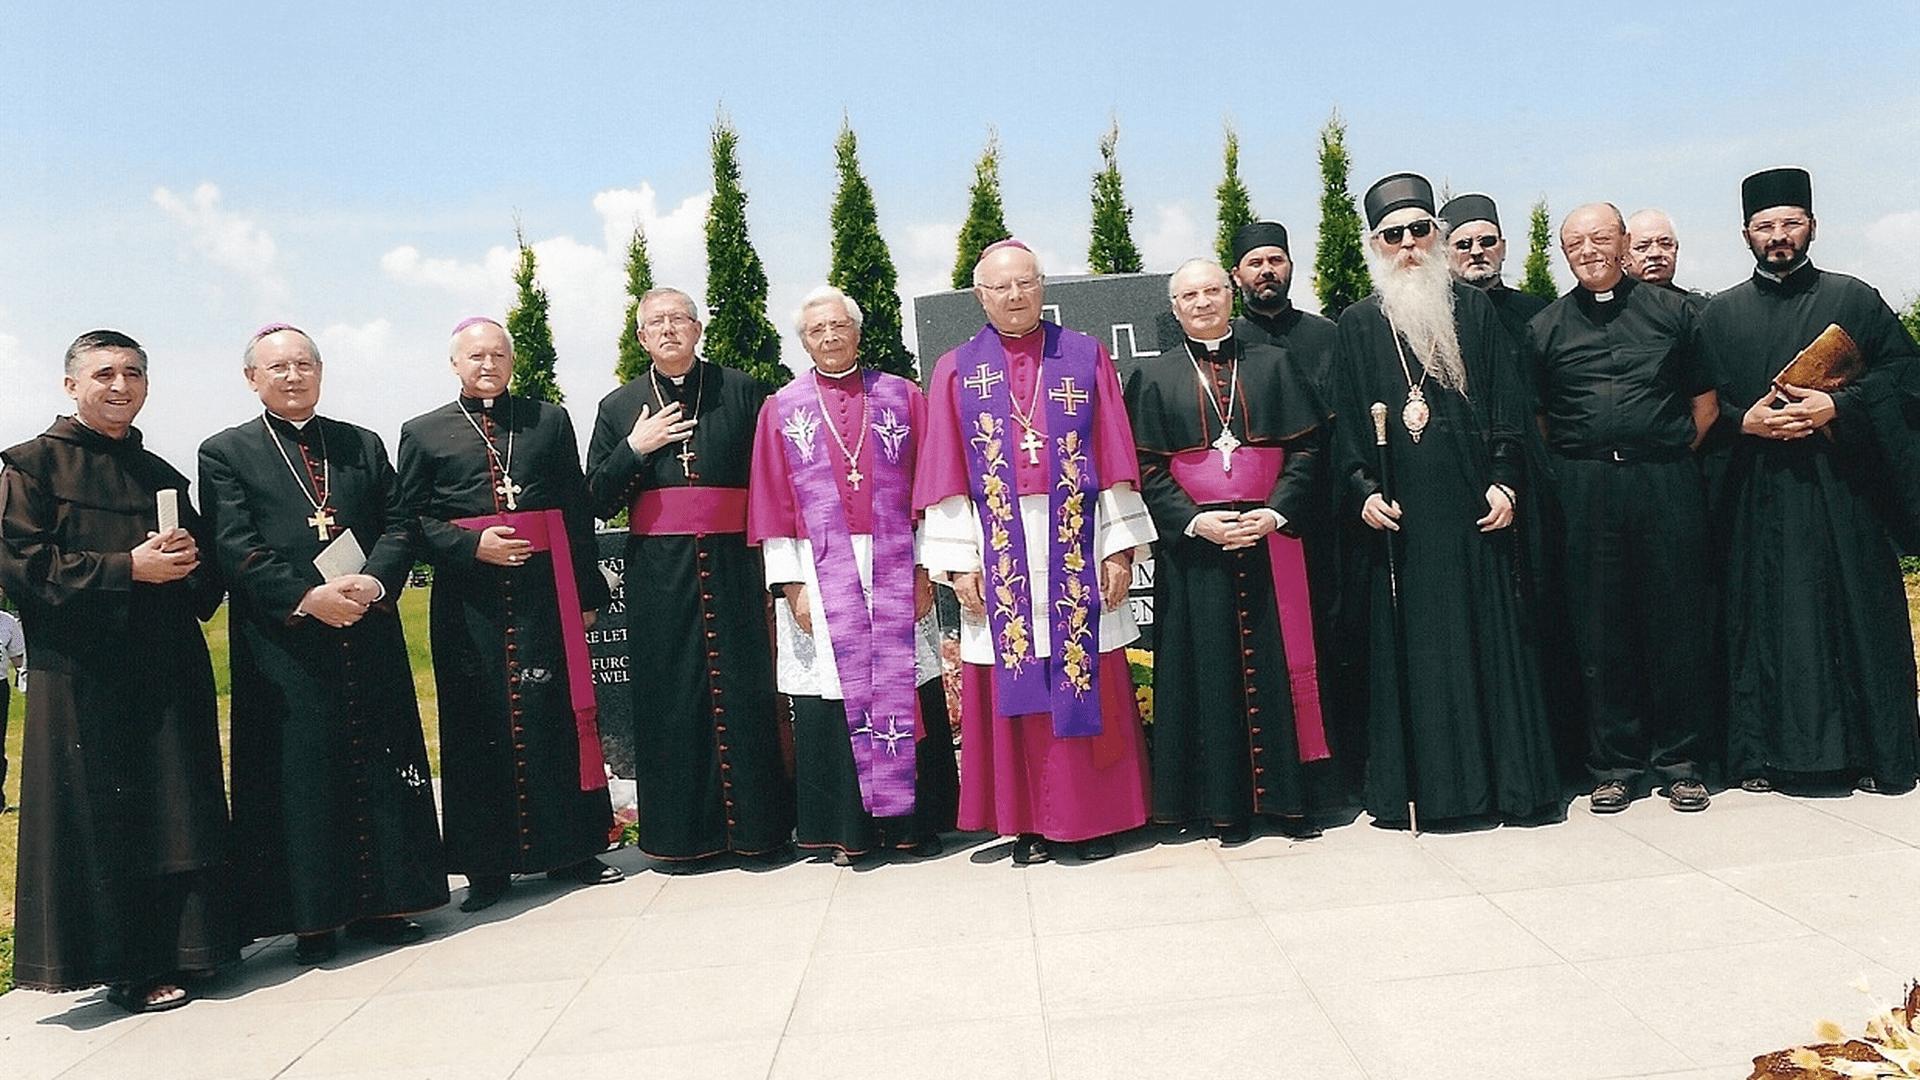 Friedenswillen über den Gräbern: die Geistlichen aus Serbien, Kroatien Österreich und Deutschland. Foto: Archiv Freundeskreis Filipowa